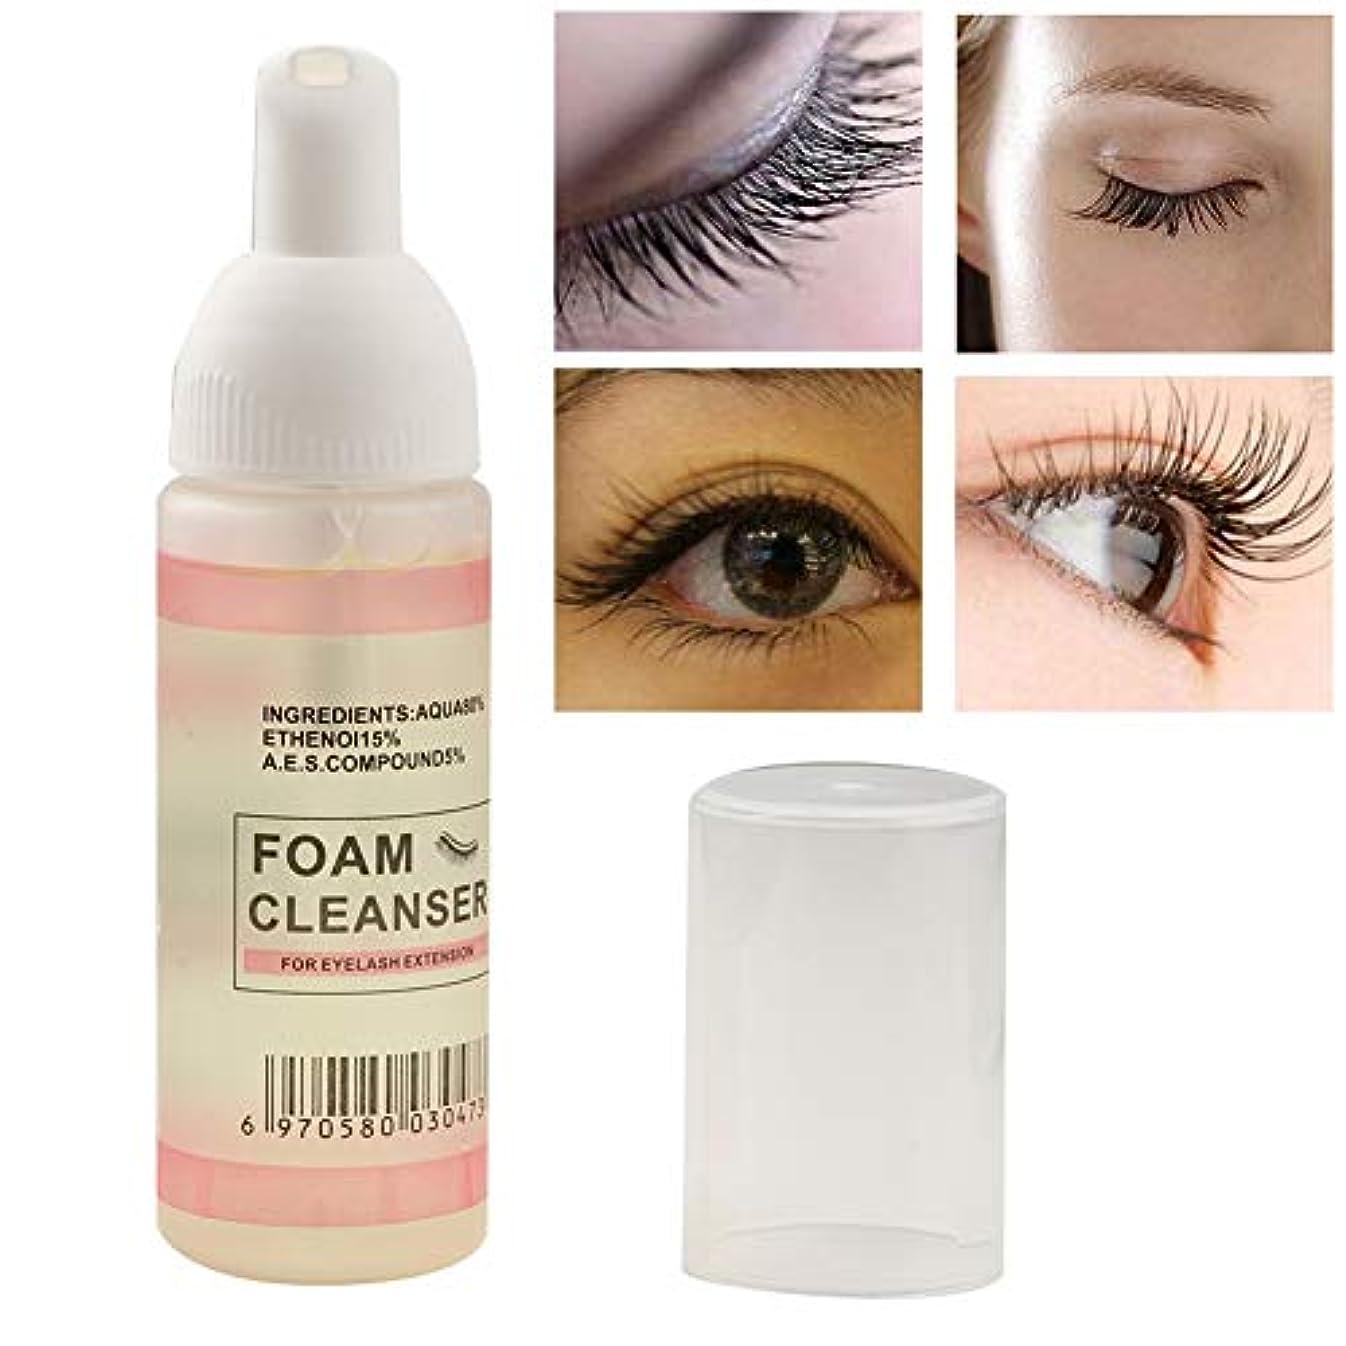 腫瘍味ペレグリネーションまつ毛クリーナー アイメイク落とし、まつげエクステンションフォーム、つや消し洗剤、まつげフォームクリーナー、まつげシャンプー/ウォッシュまつげエクステンション